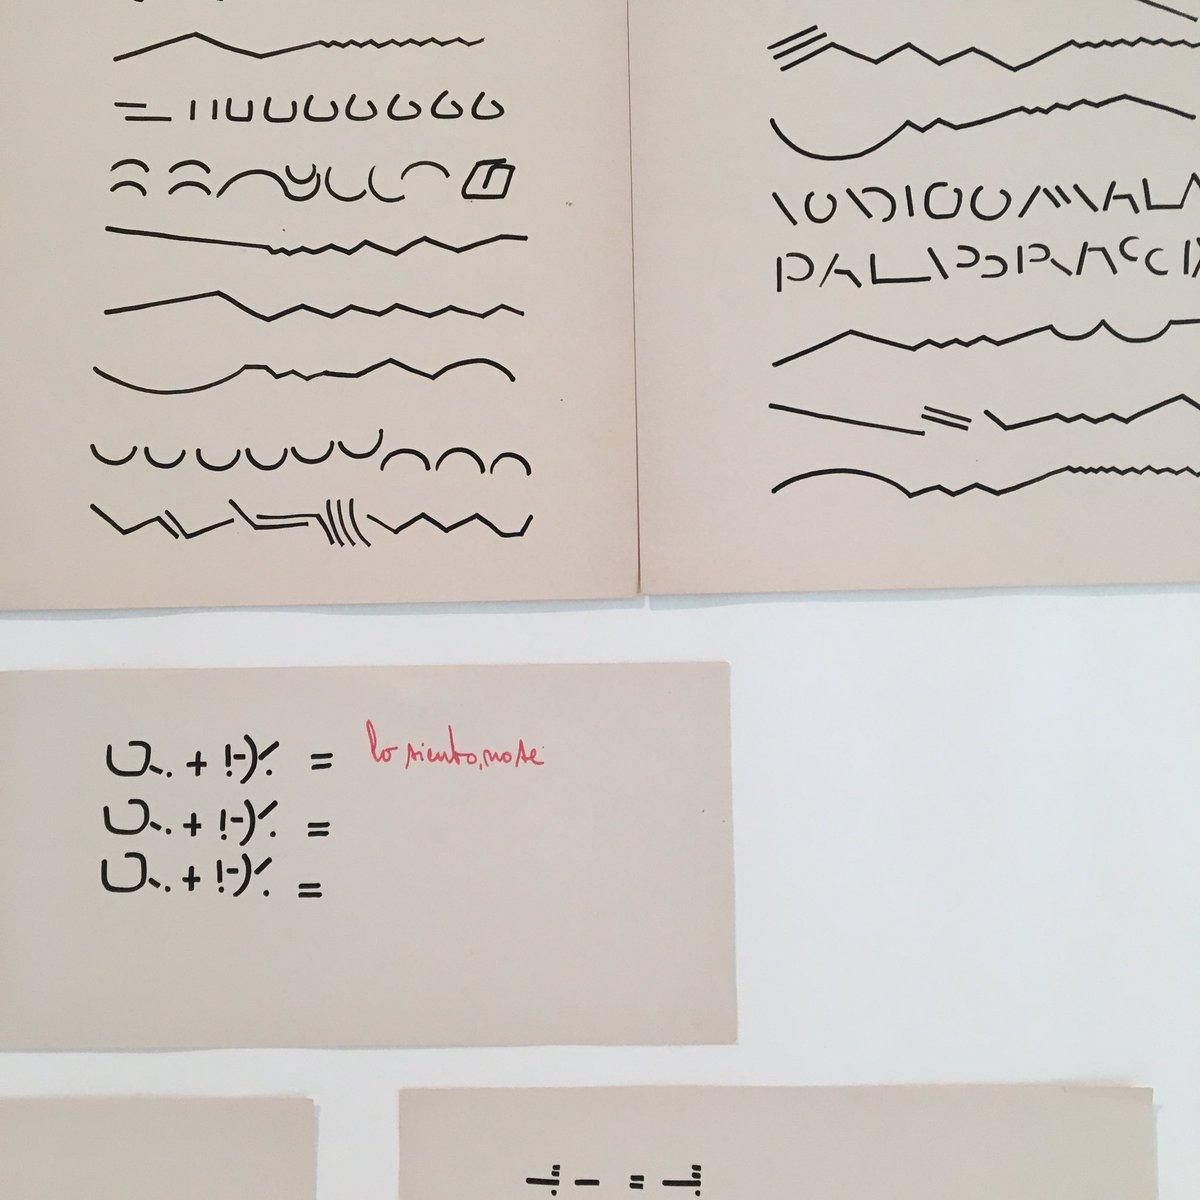 En 1967 #MirthaDermisache comienza a trabajar en textos ilegibles, a mitad de camino entre las artes plásticas y la escritura